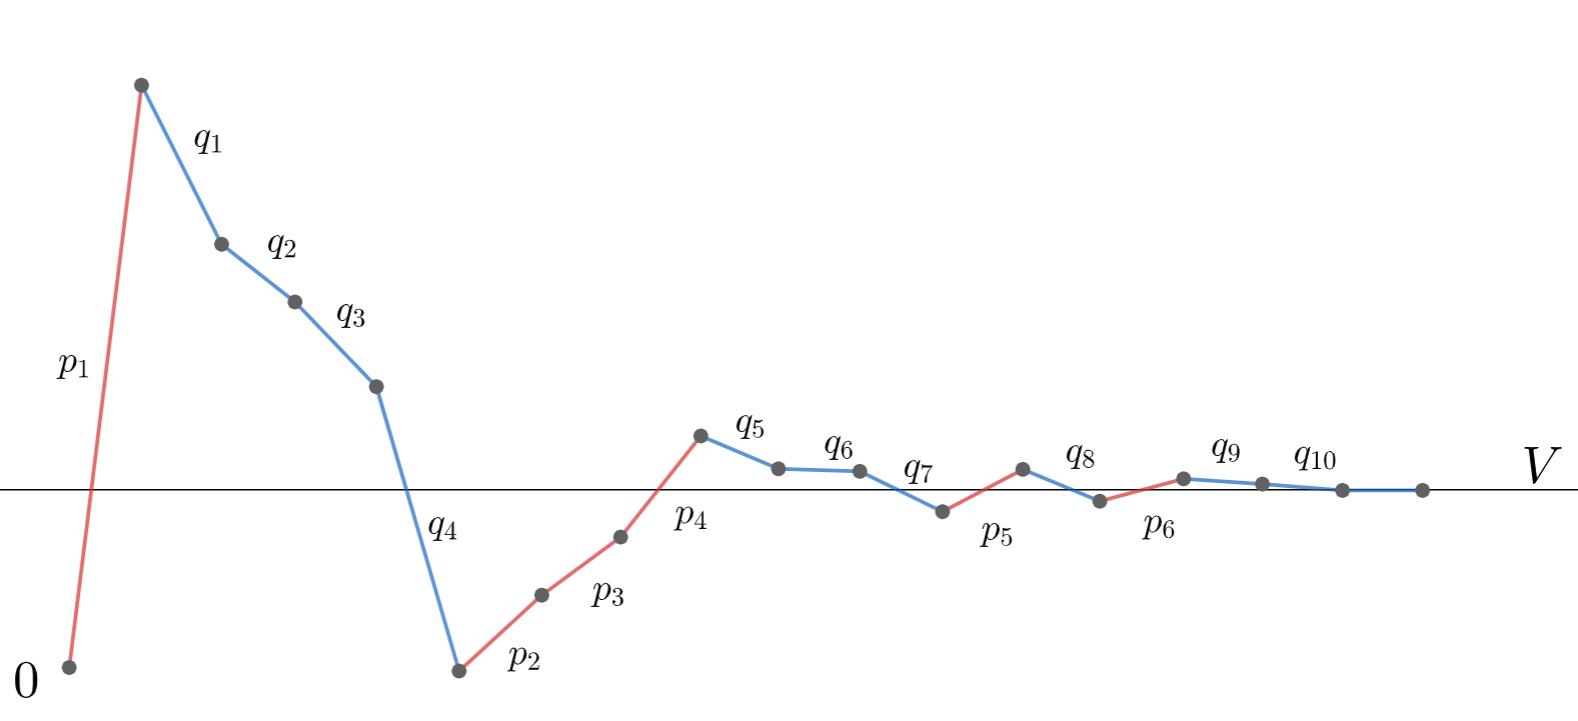 条件収束級数は和の順序交換により任意の値に収束できることの証明